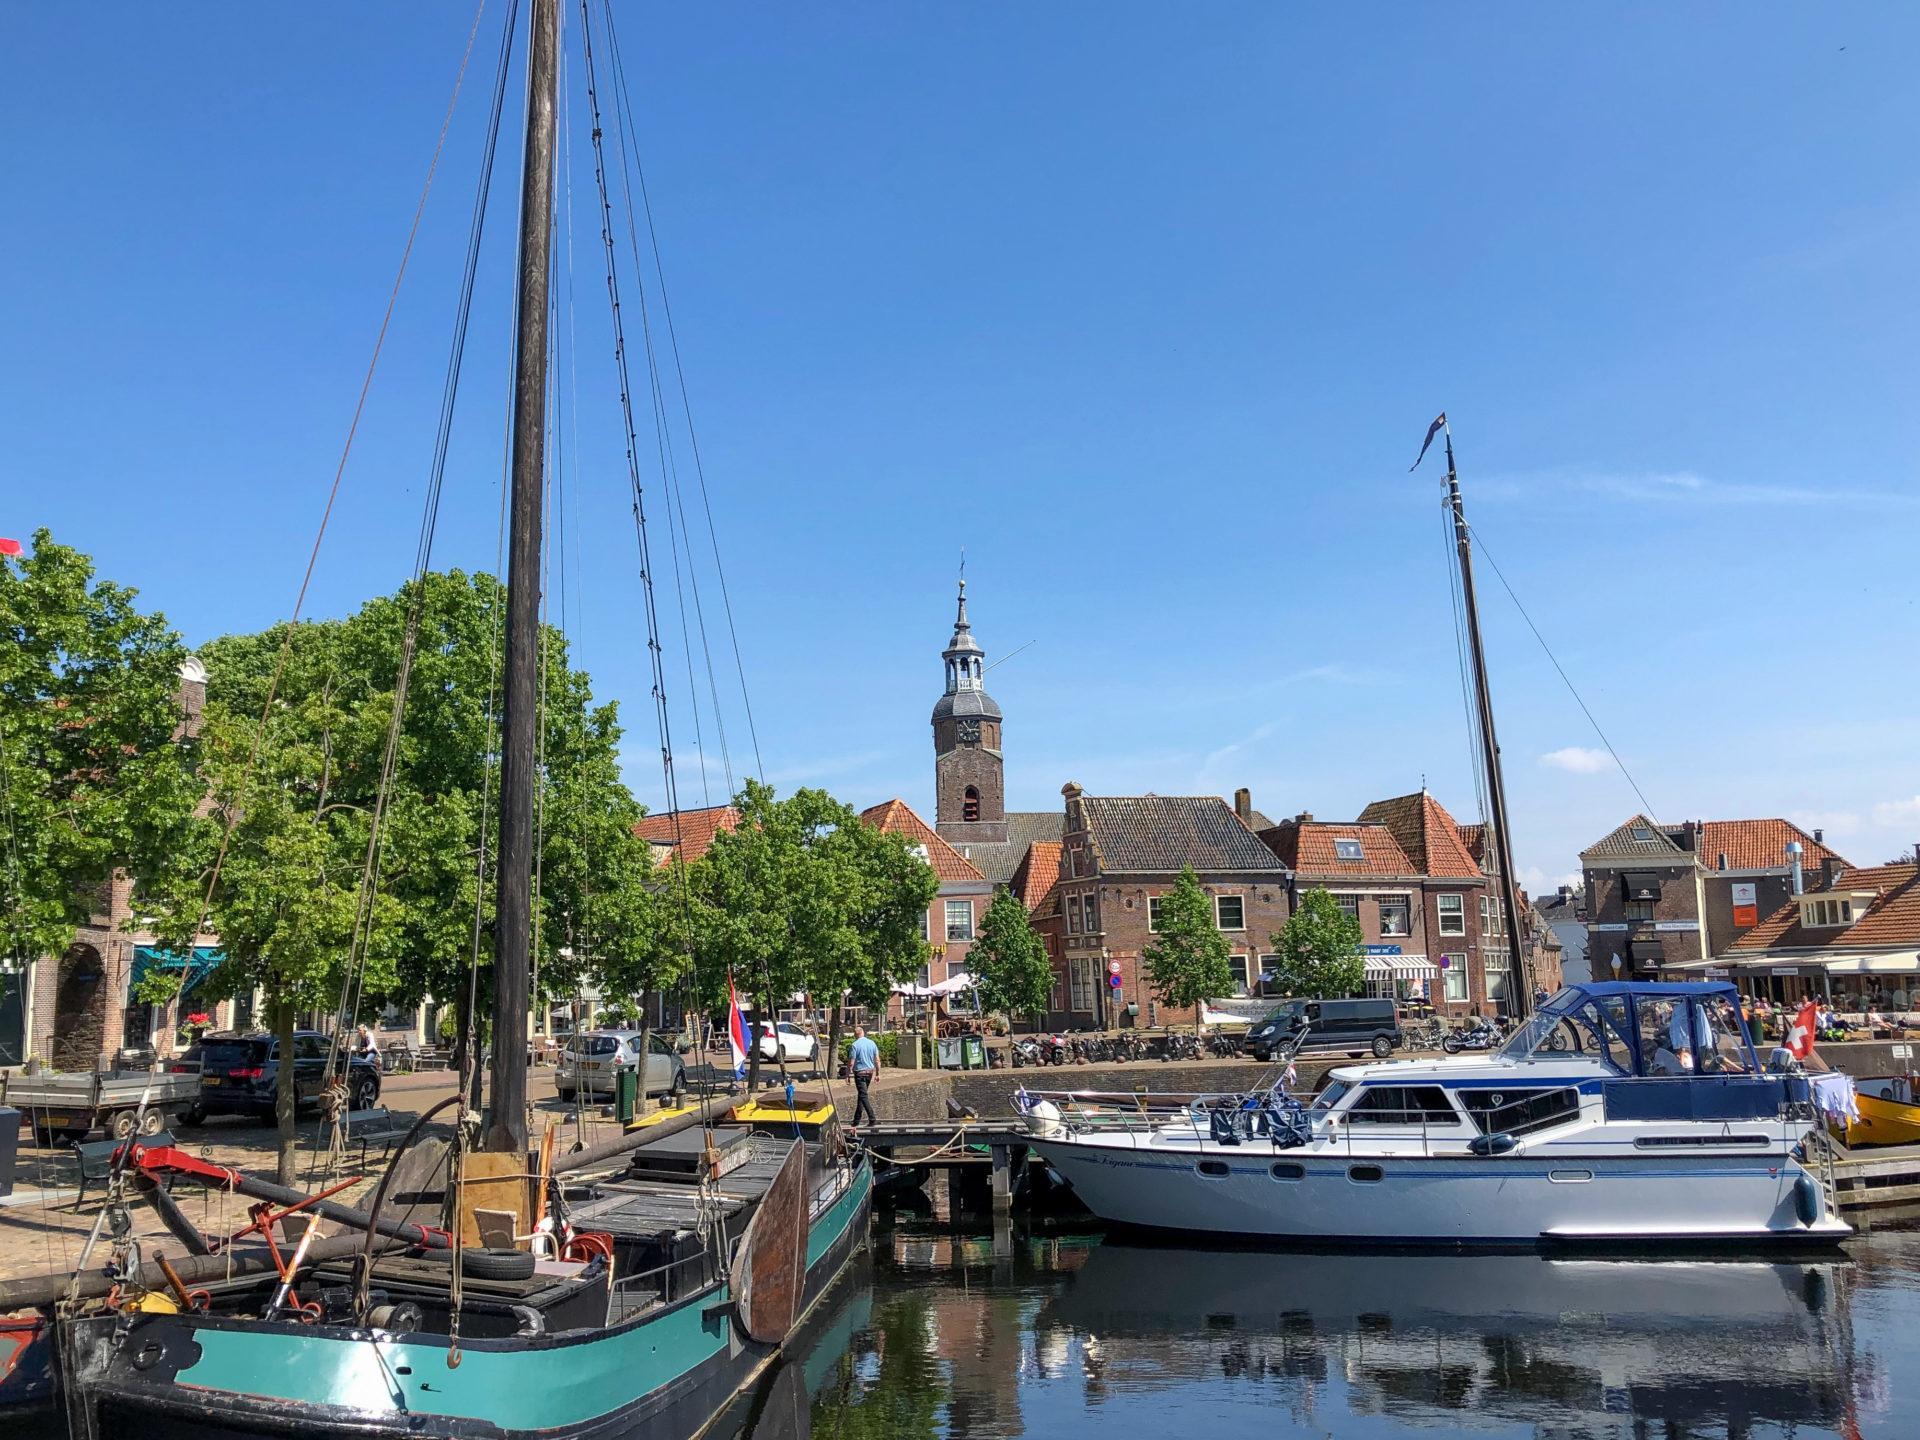 Der Hafen von Blokzijl in der Nähe von Giethoorn in den Niederlanden